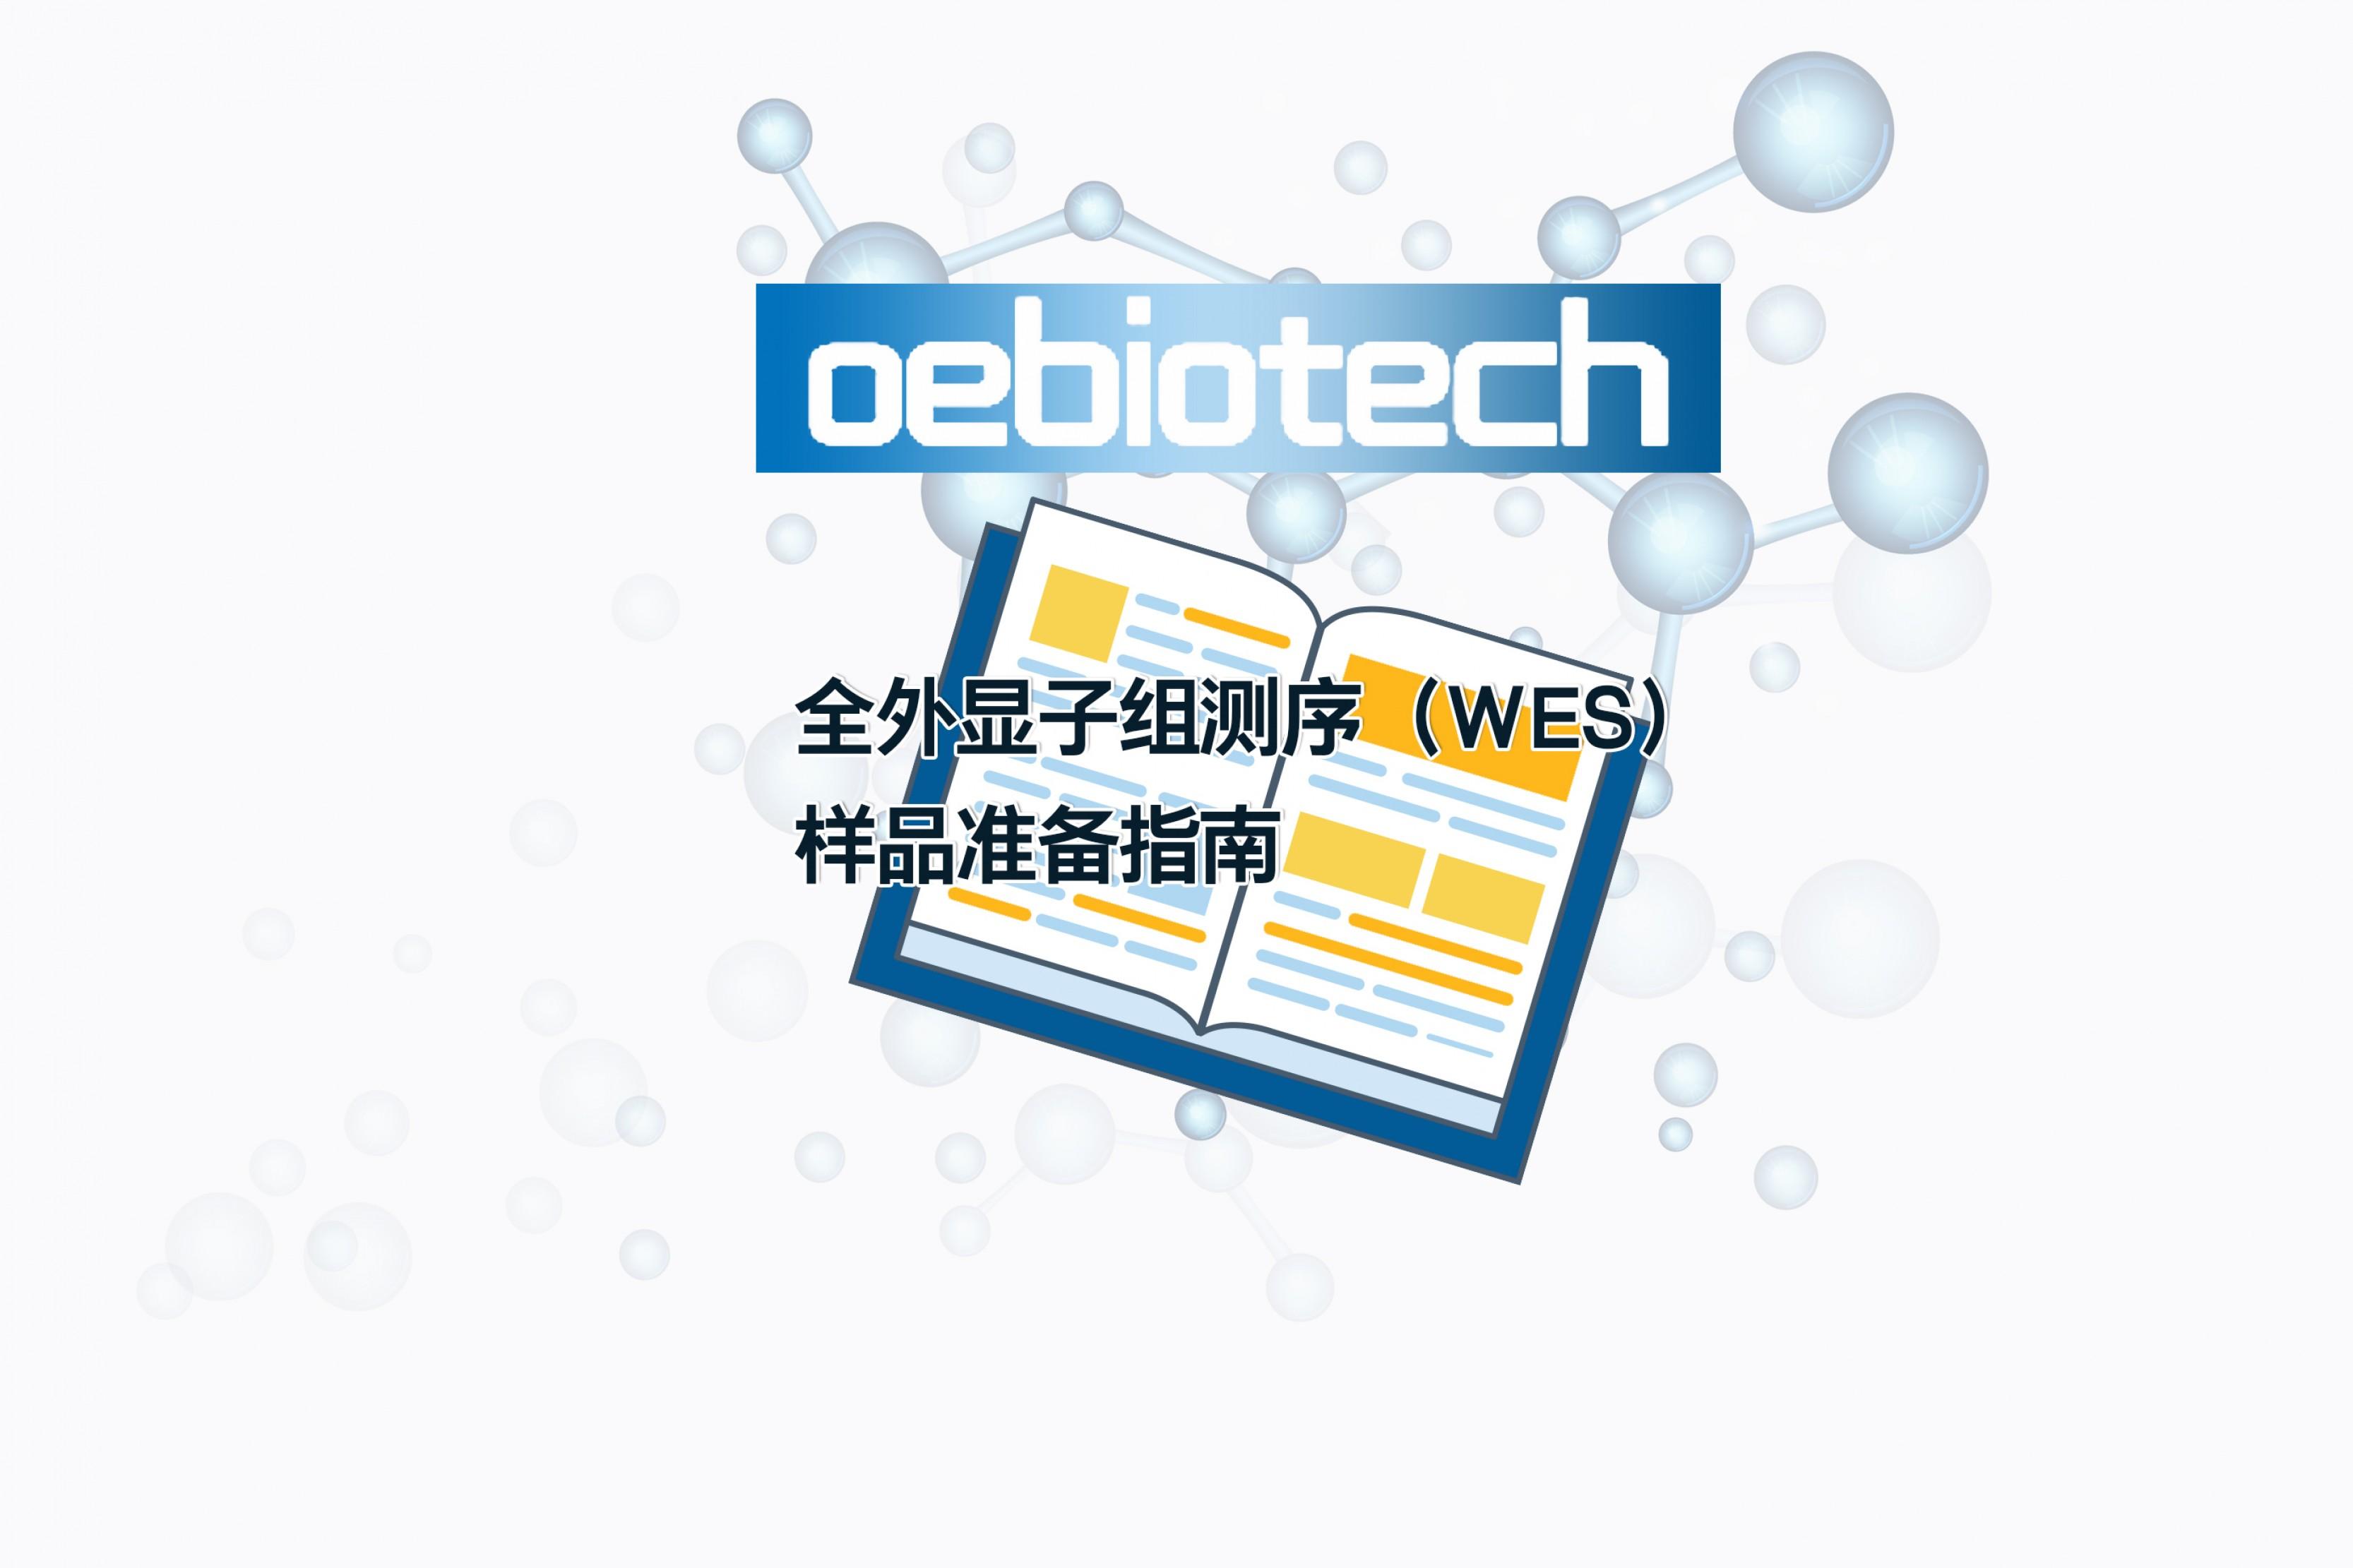 全外显子组测序(WES)样品准备指南